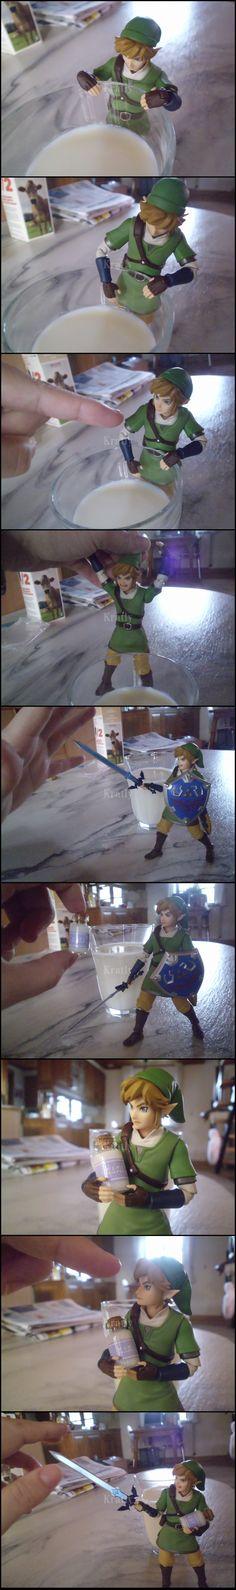 The Legend of Zelda, Link / Milk by Kratly on deviantART